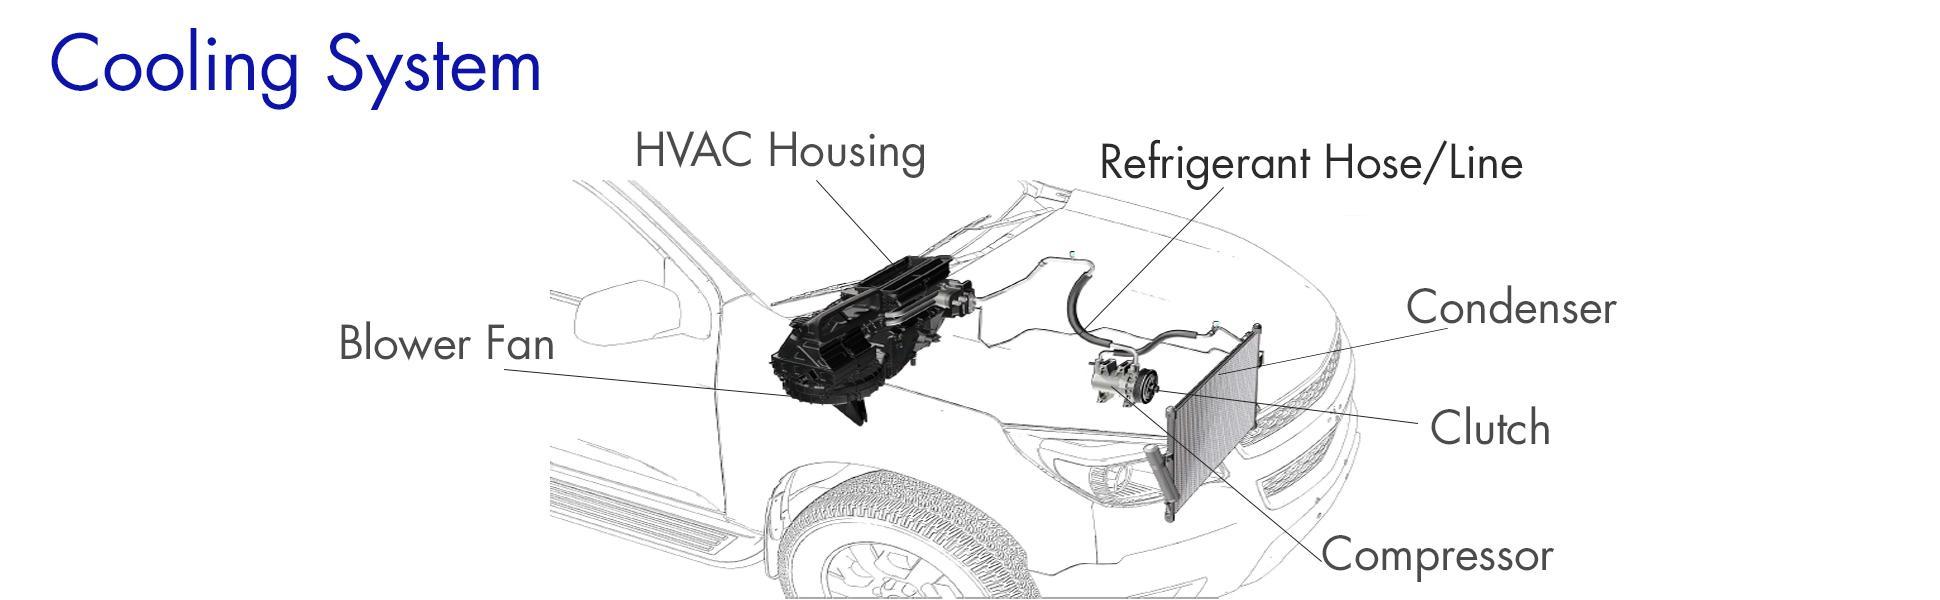 ca323d28 b57f 4983 992d a92bcff9d343._CB288205572_ acdelco 15 75221 gm original equipment blower motor wiring harness cbt1c110 blower motor wiring harness at gsmportal.co